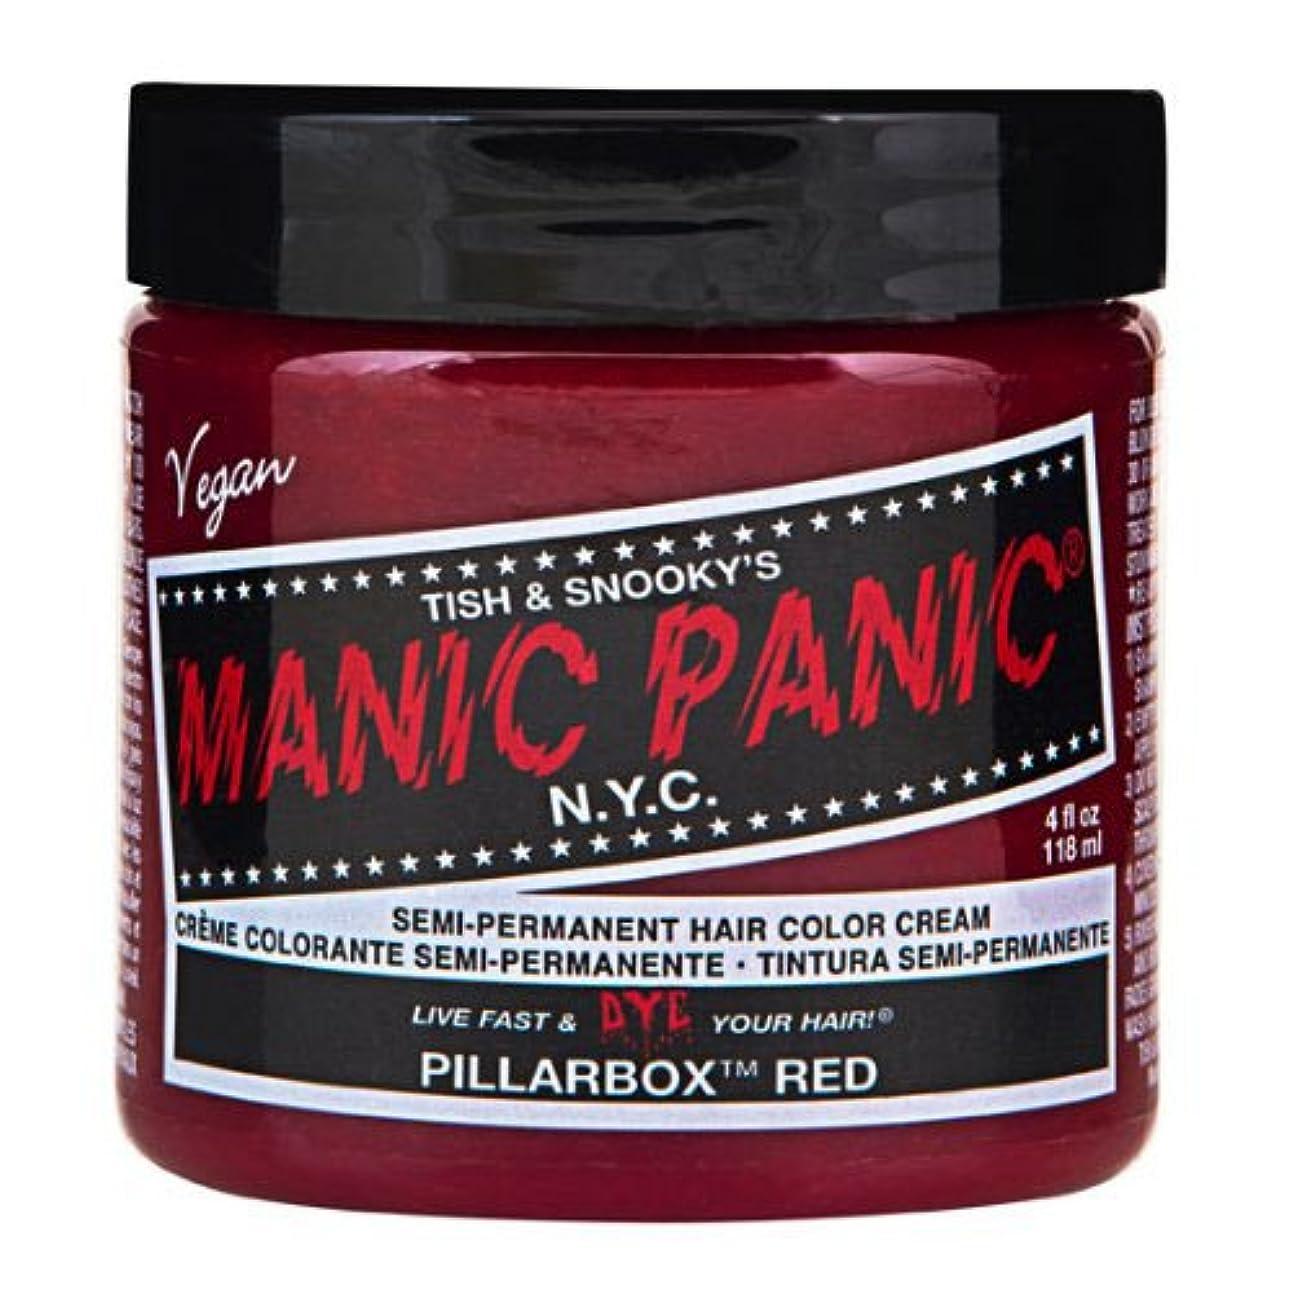 繰り返した過敏な熱狂的なマニックパニック カラークリーム ピラーボックスレッド